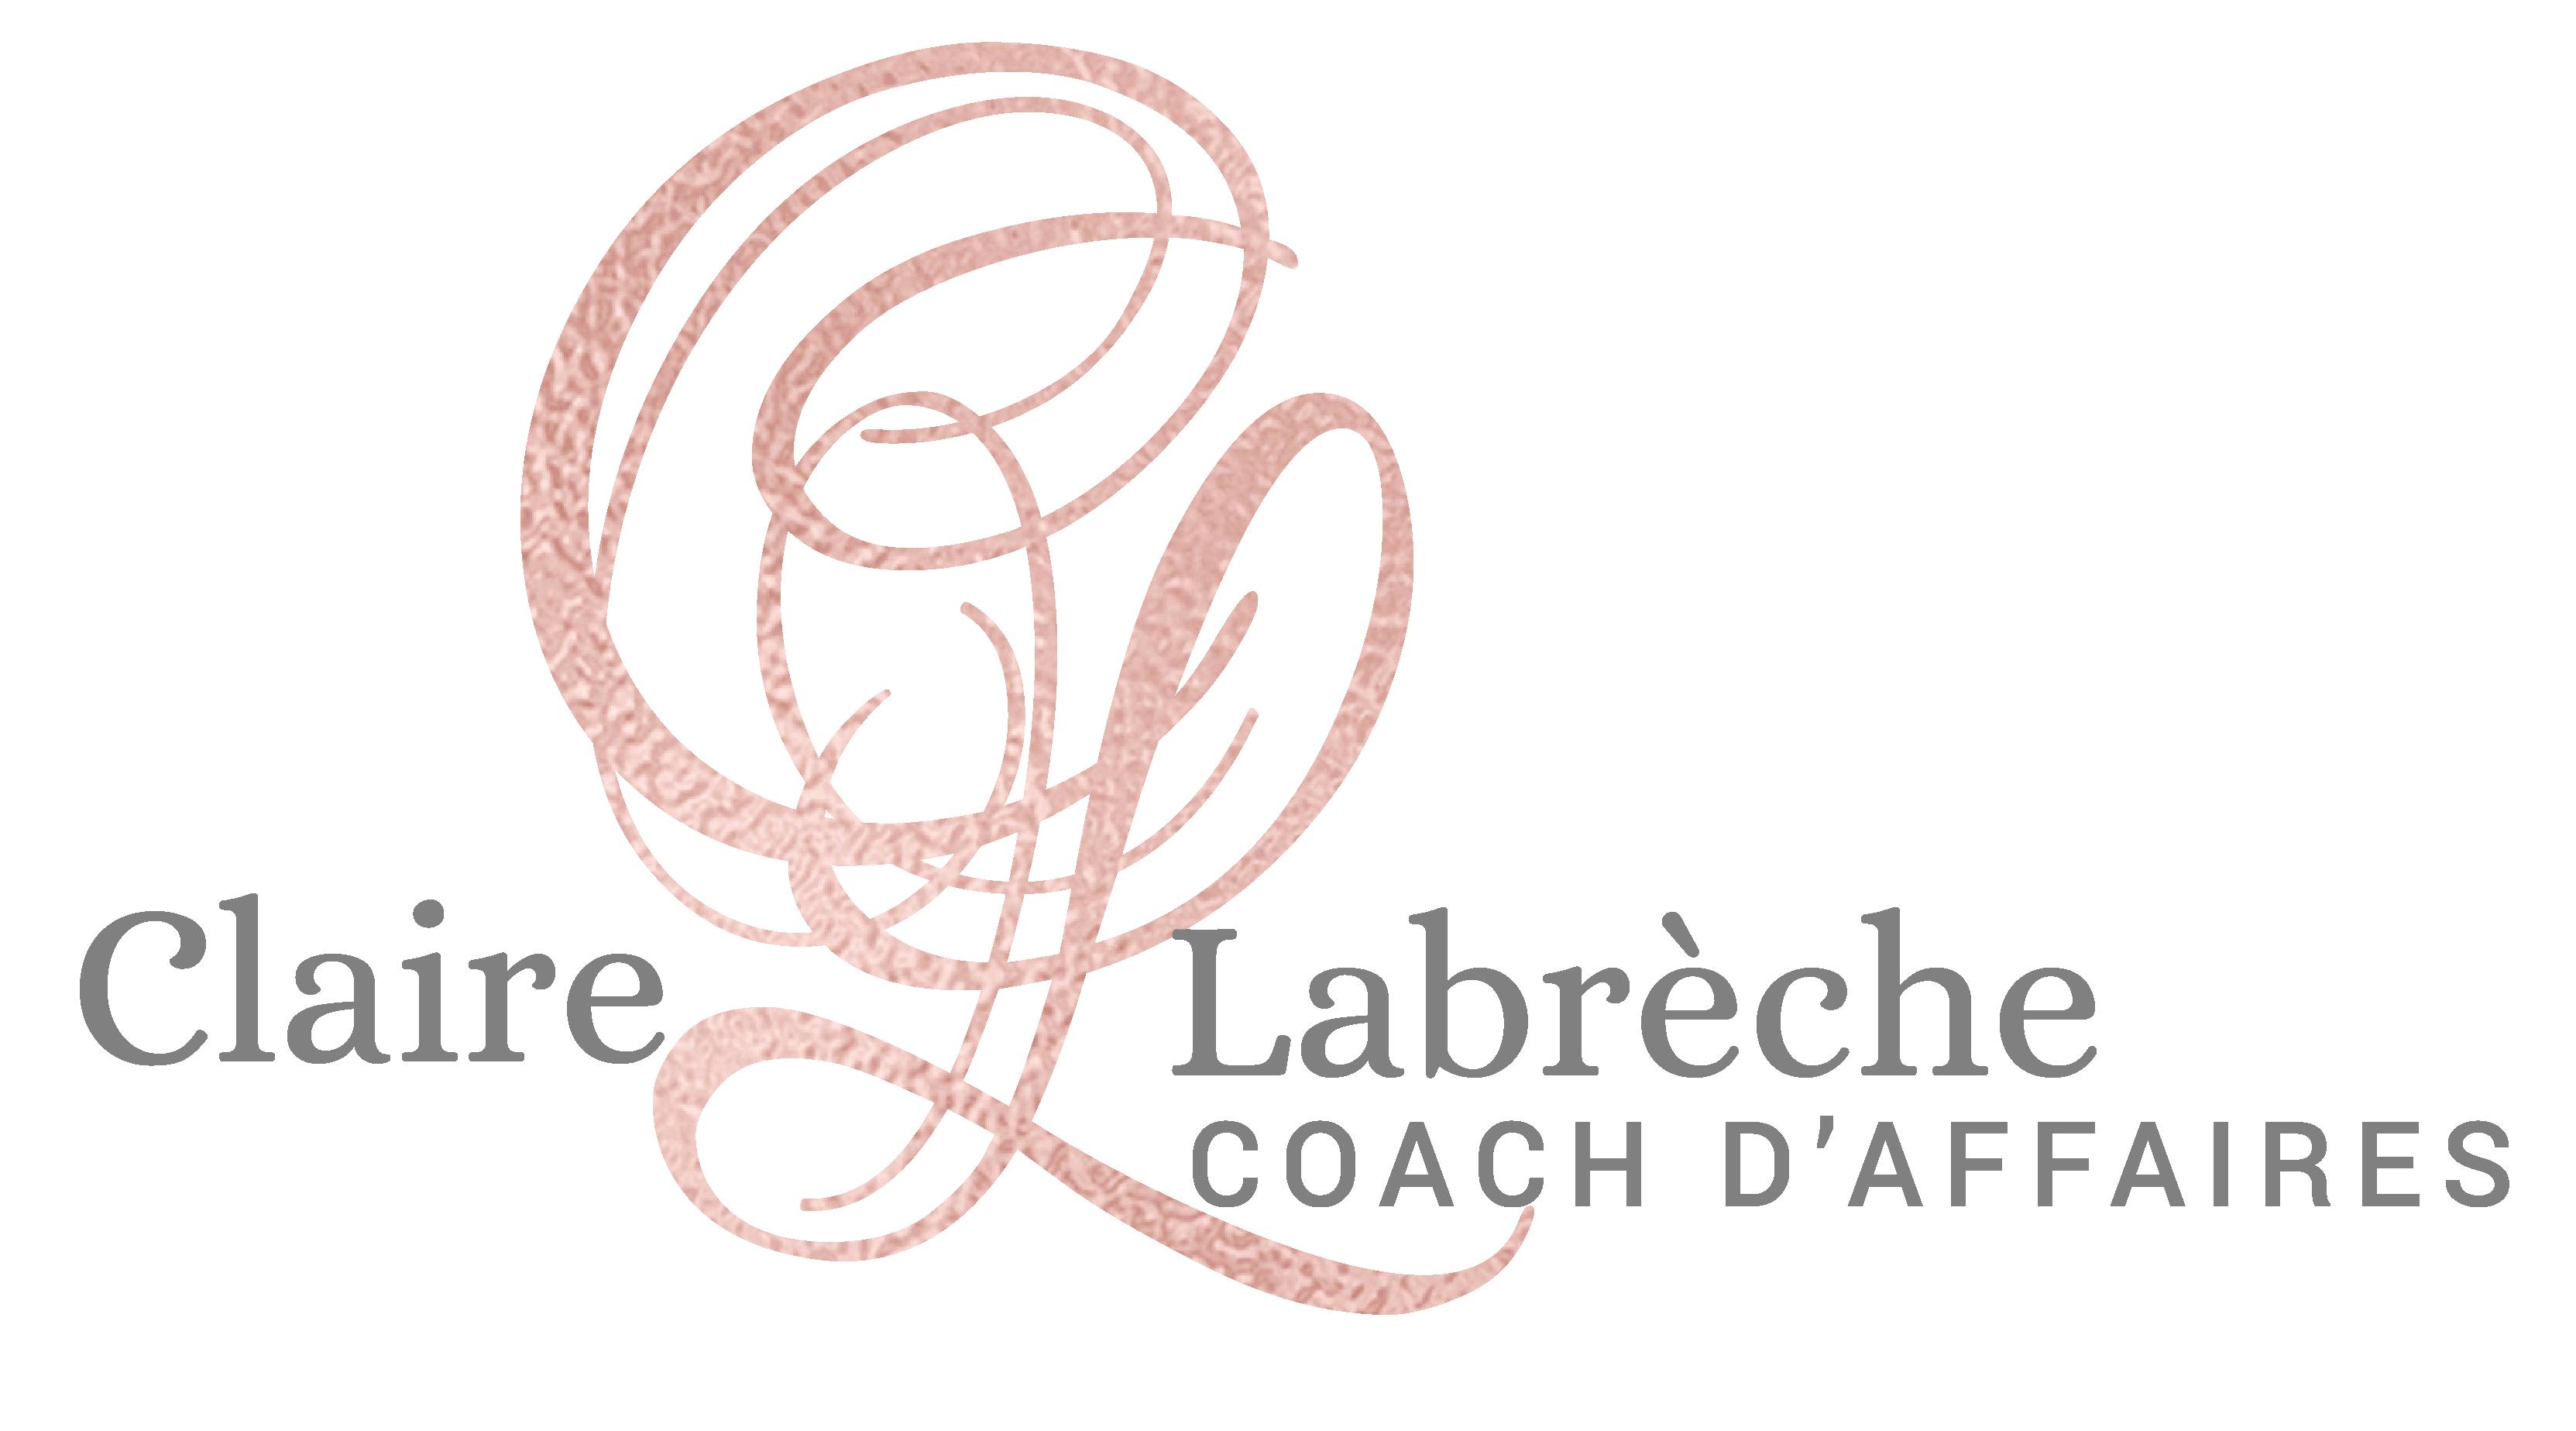 Claire Labrèche